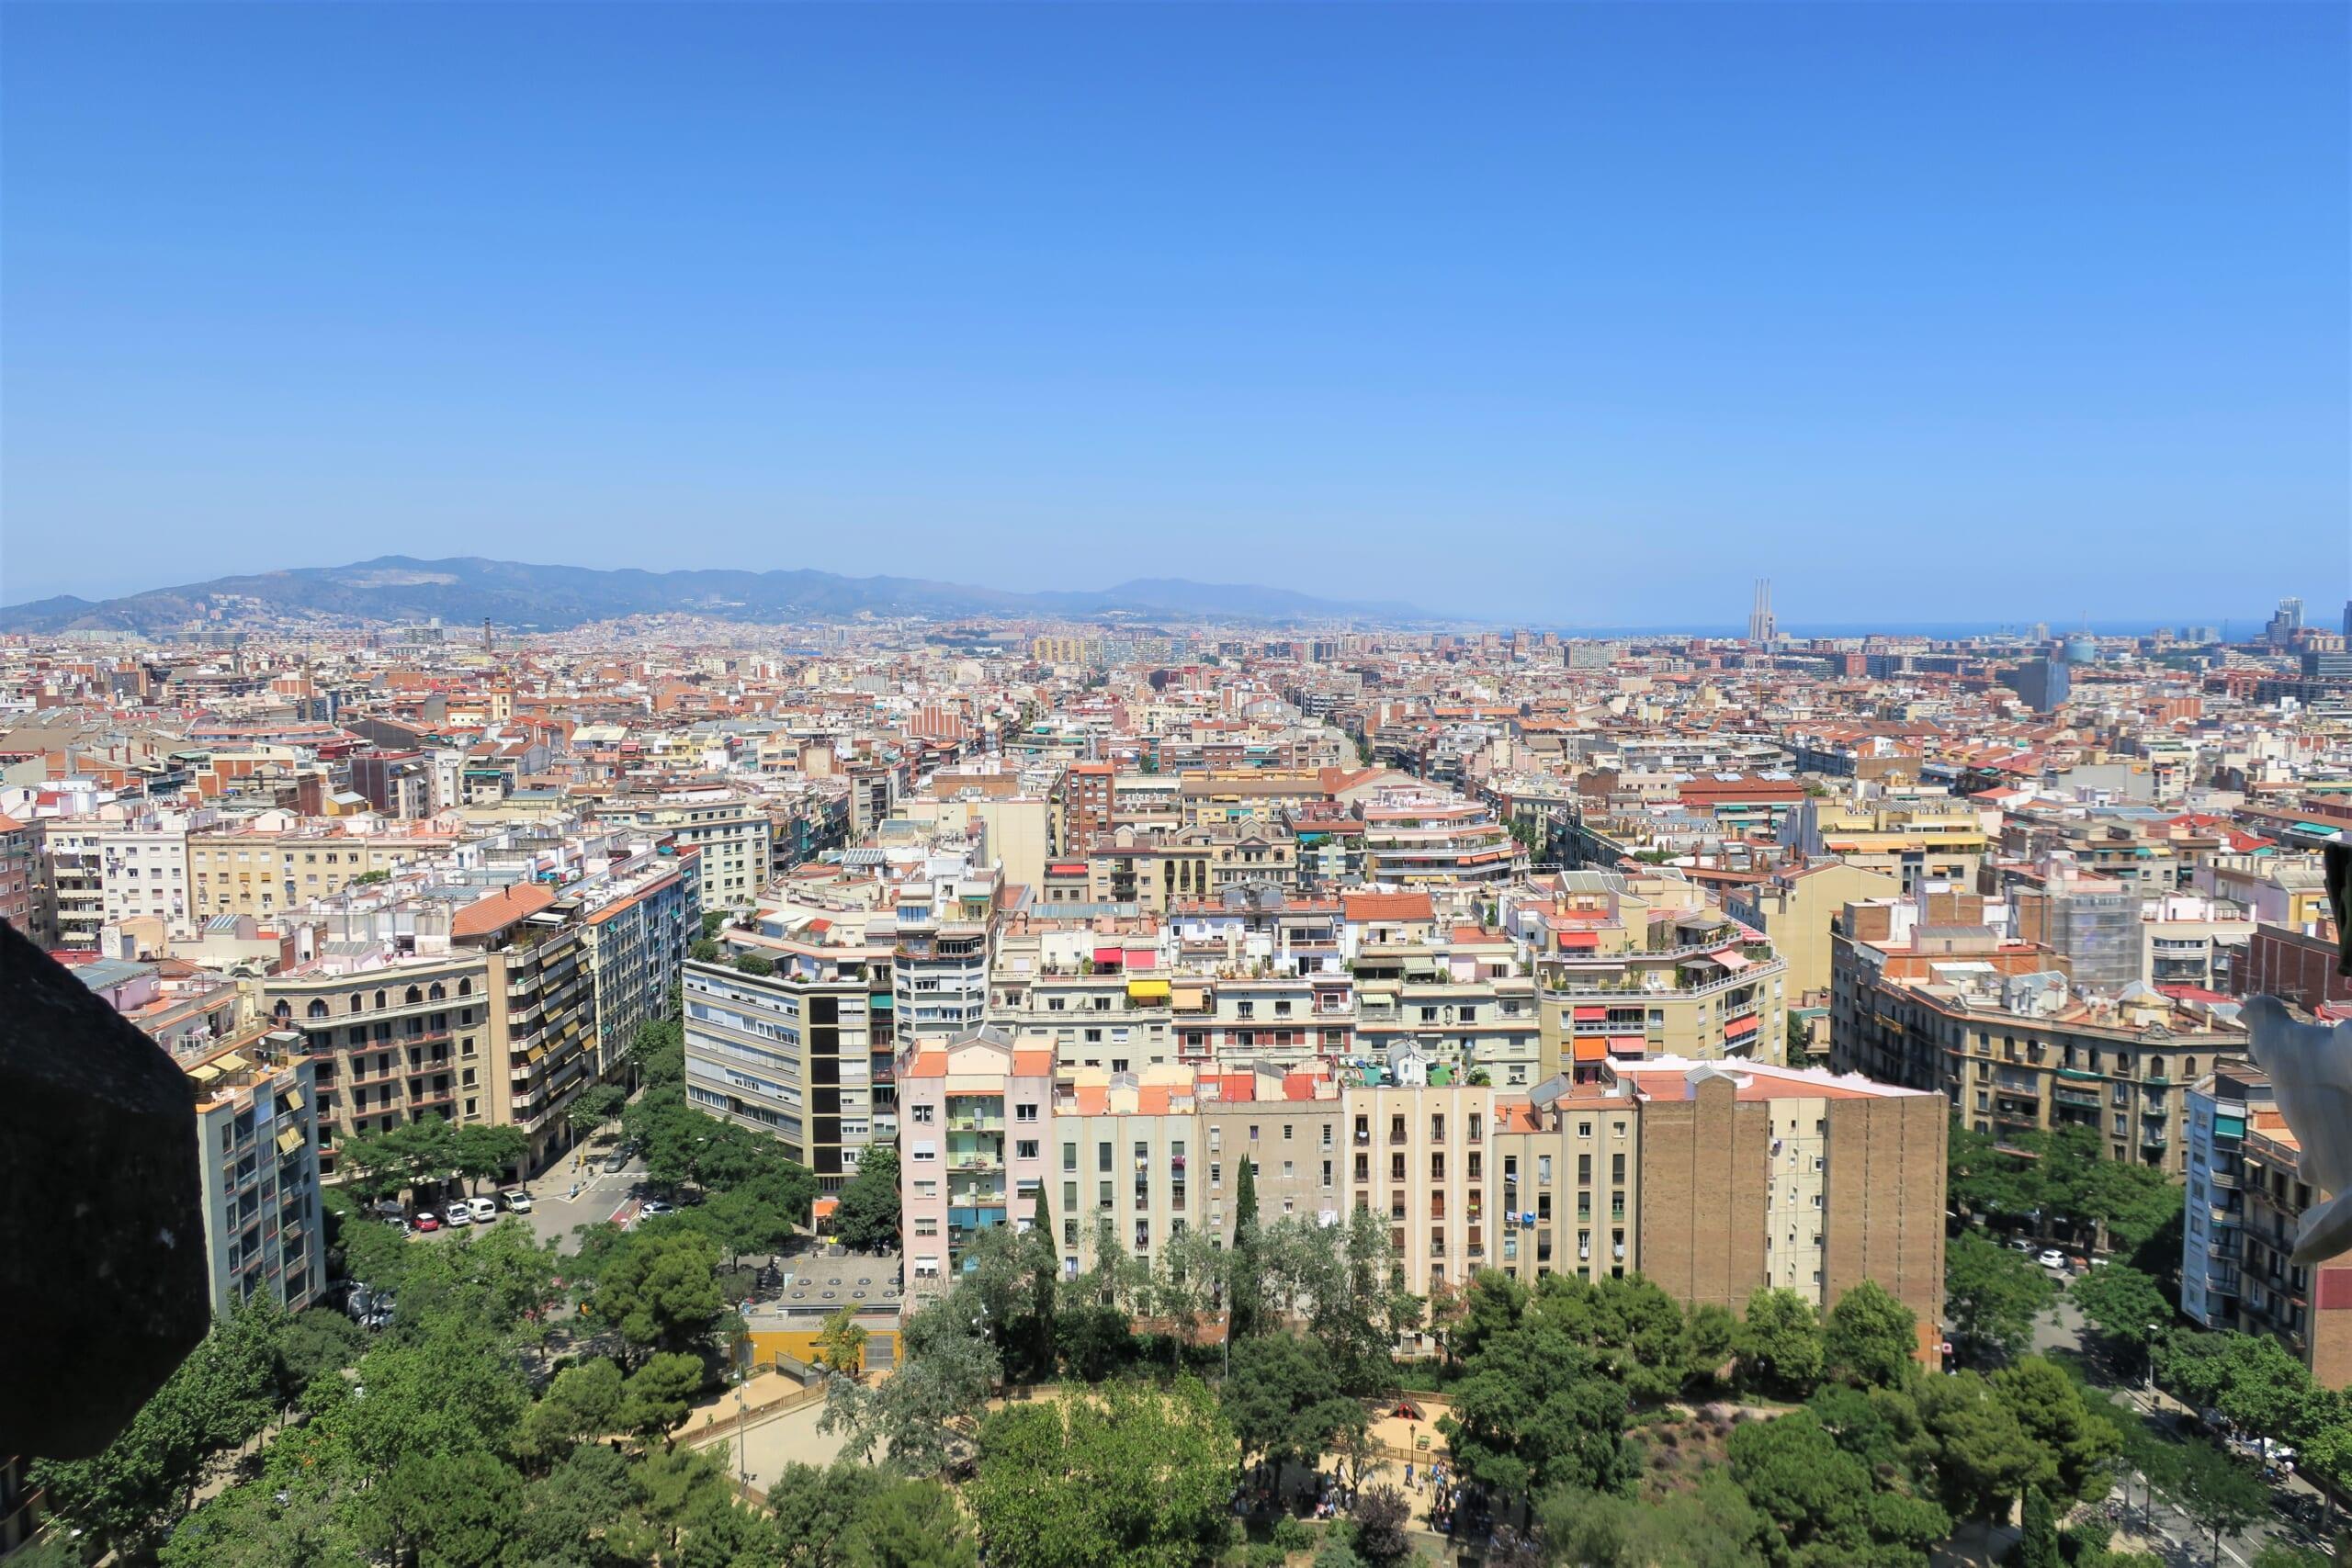 北スペインの観光スポットであるカタルーニャのサグラダ・ファミリア